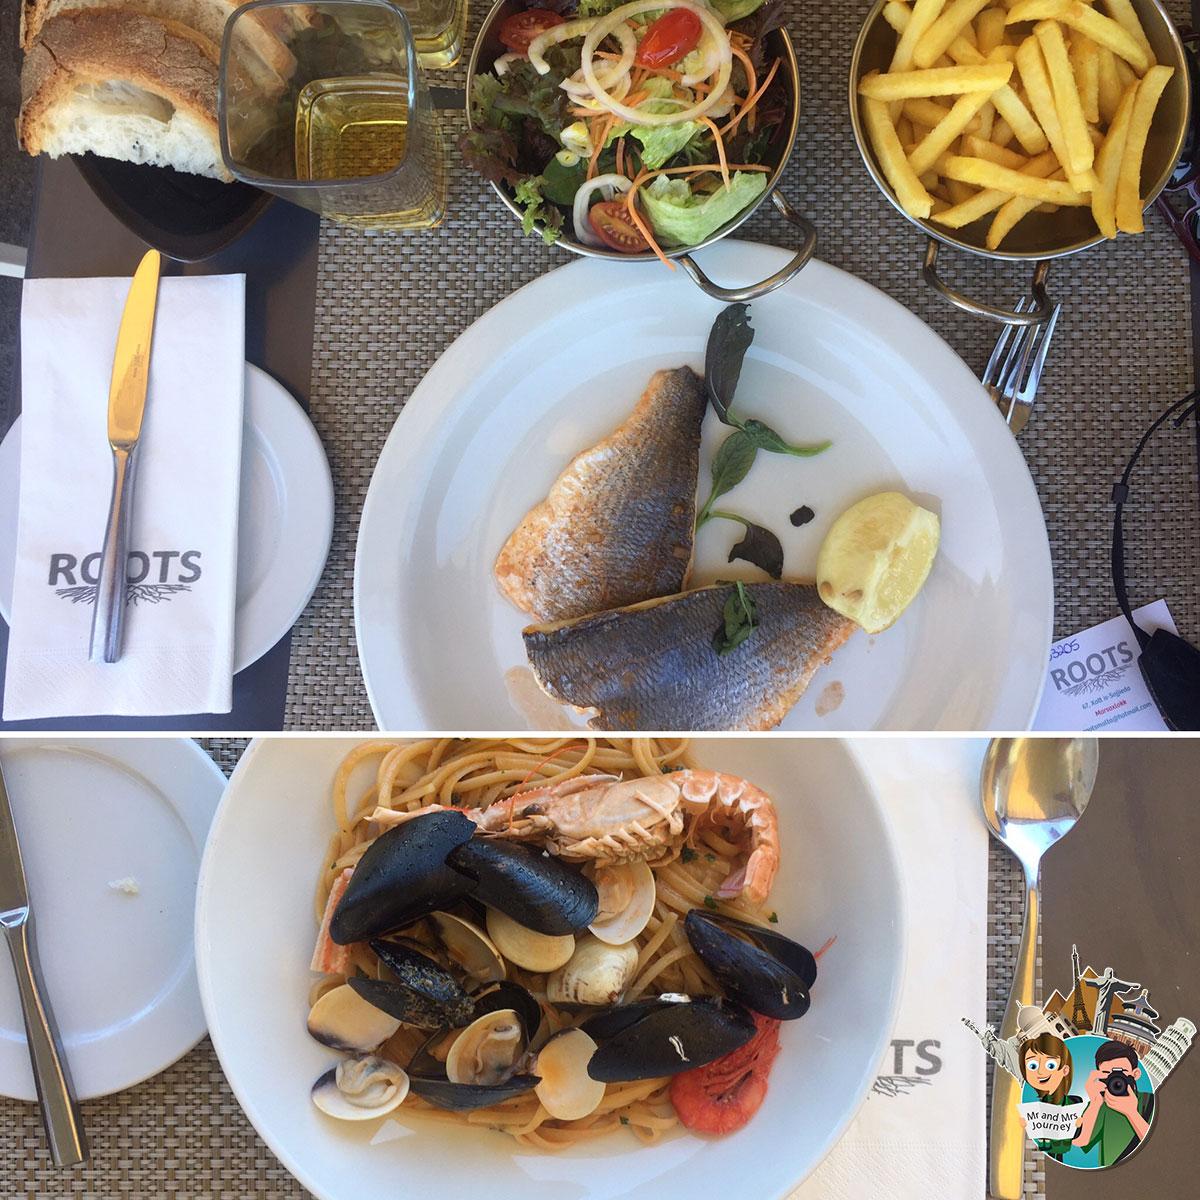 Malta-Roots -Malta yemek yerleri - nerede ne yenir